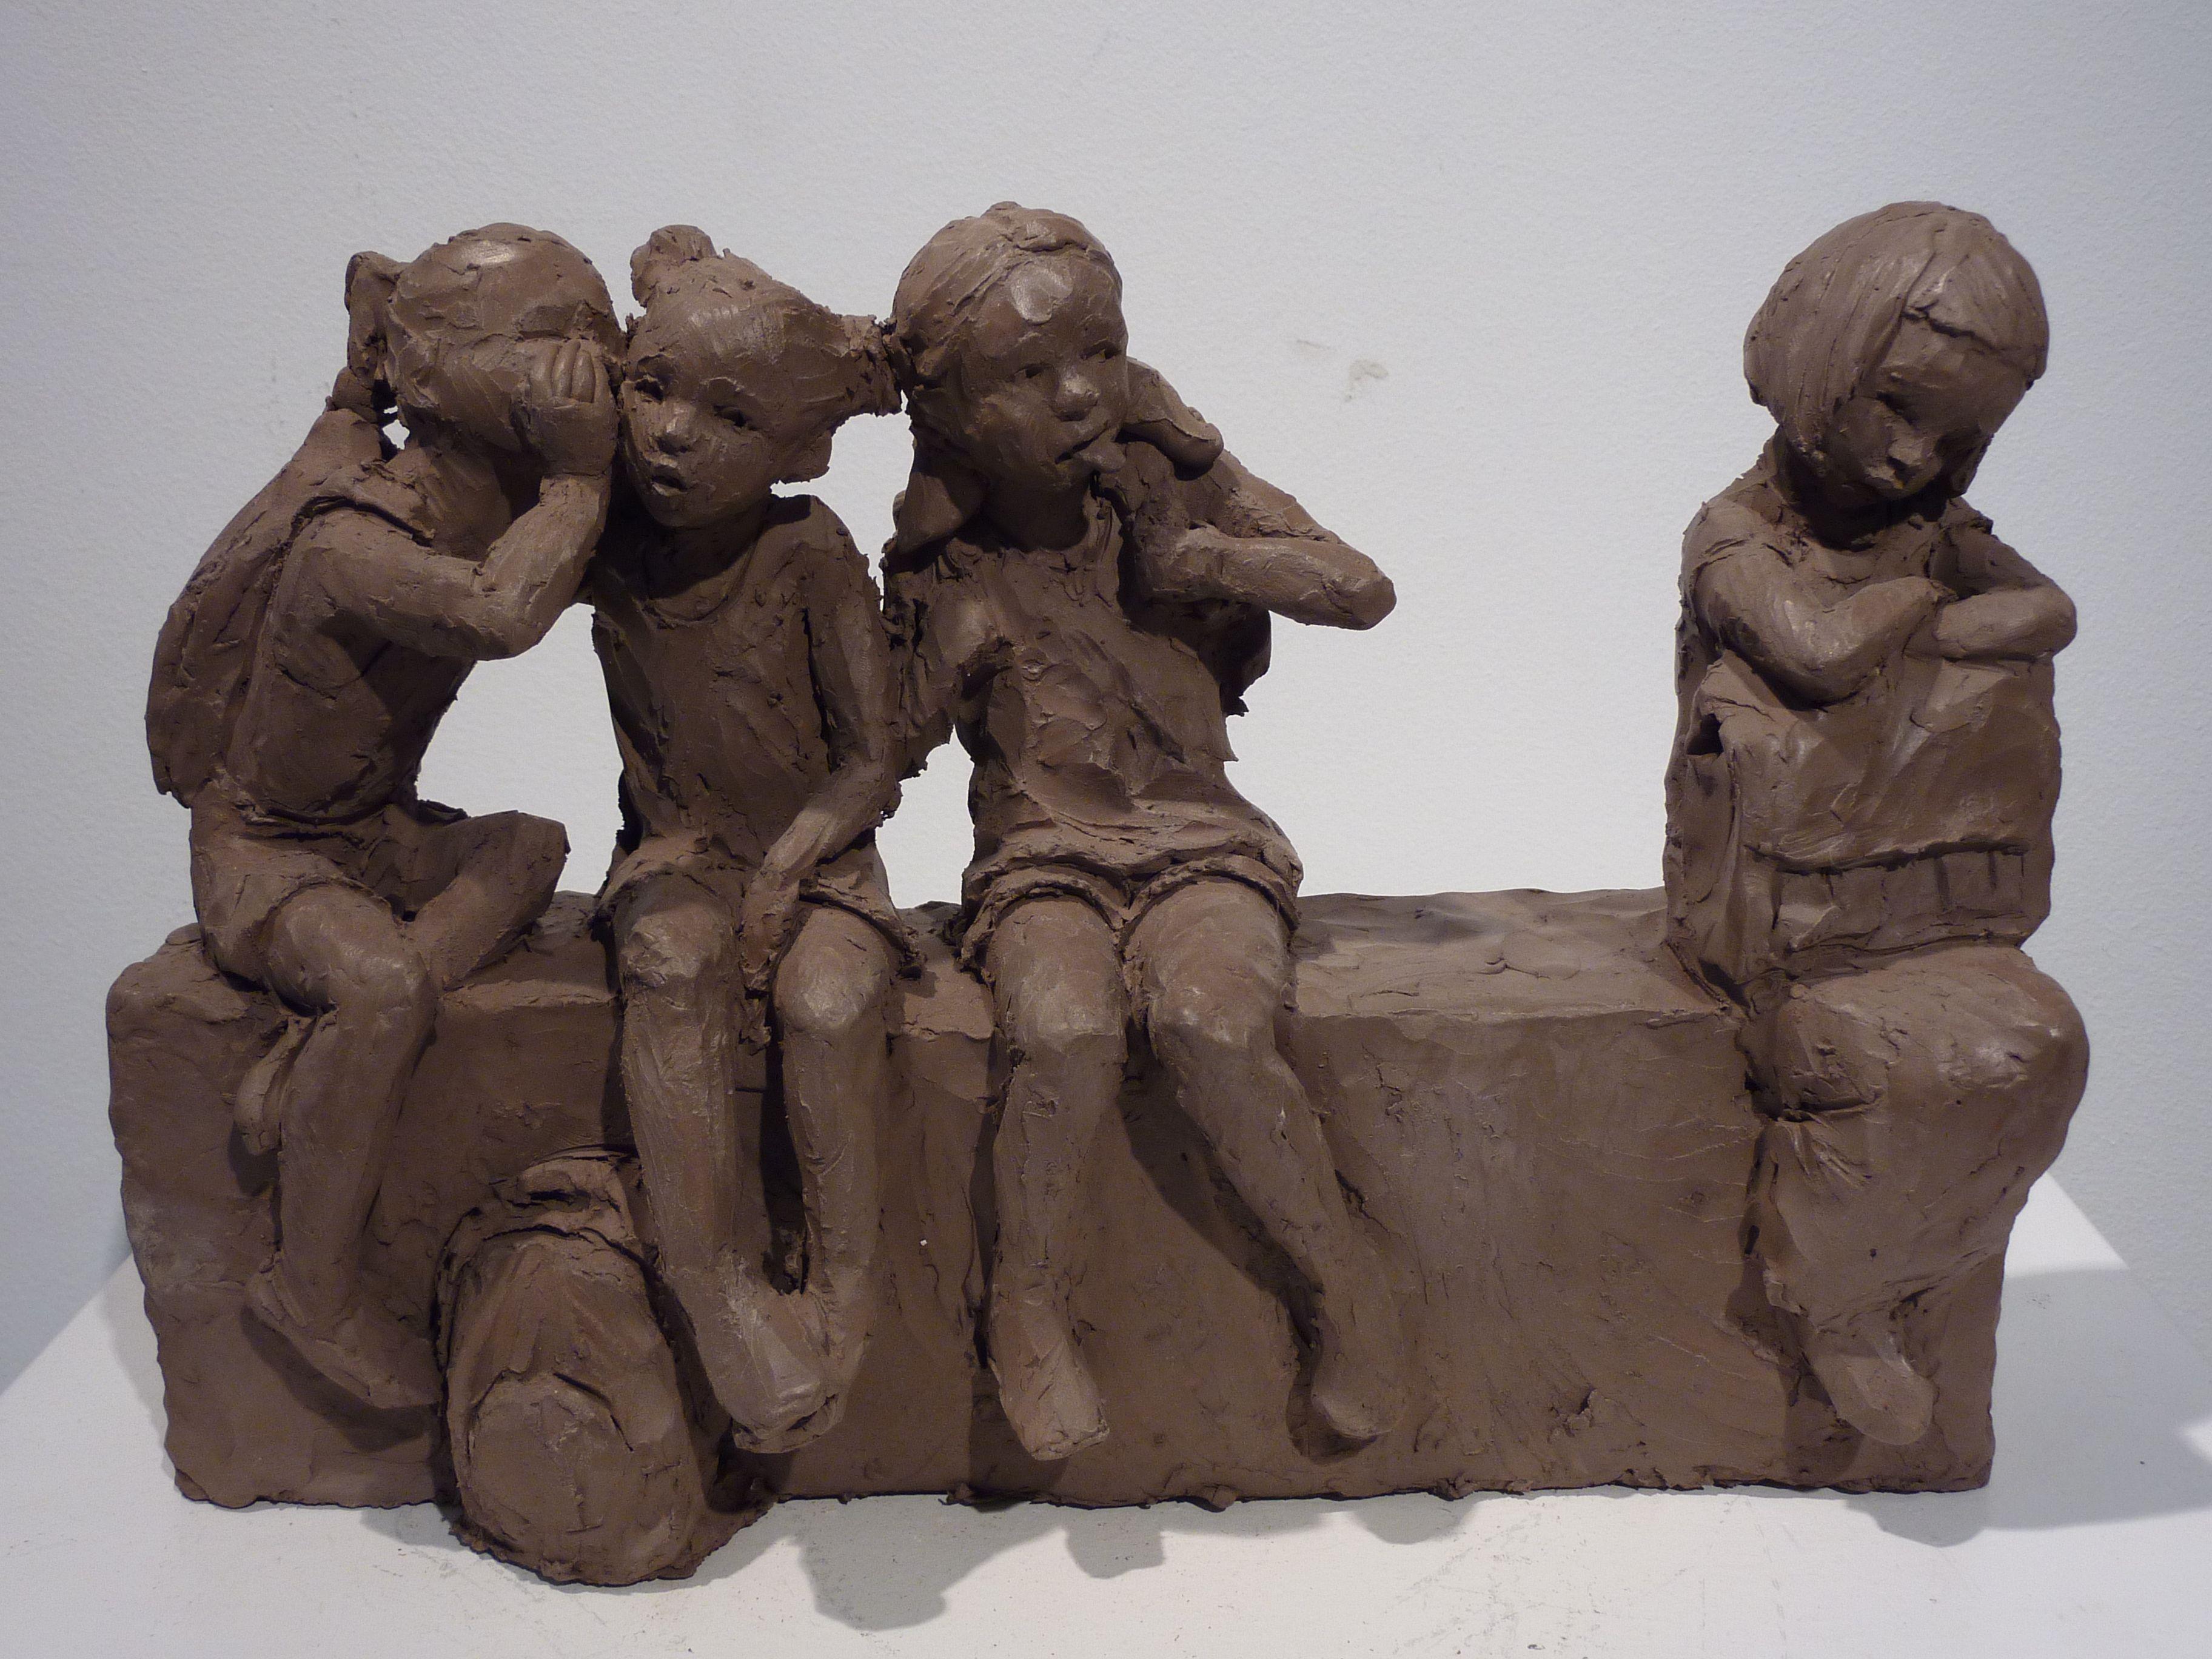 Bien connu Sculpture en terre cuite patinée sur le thème de l'enfance par  IK74